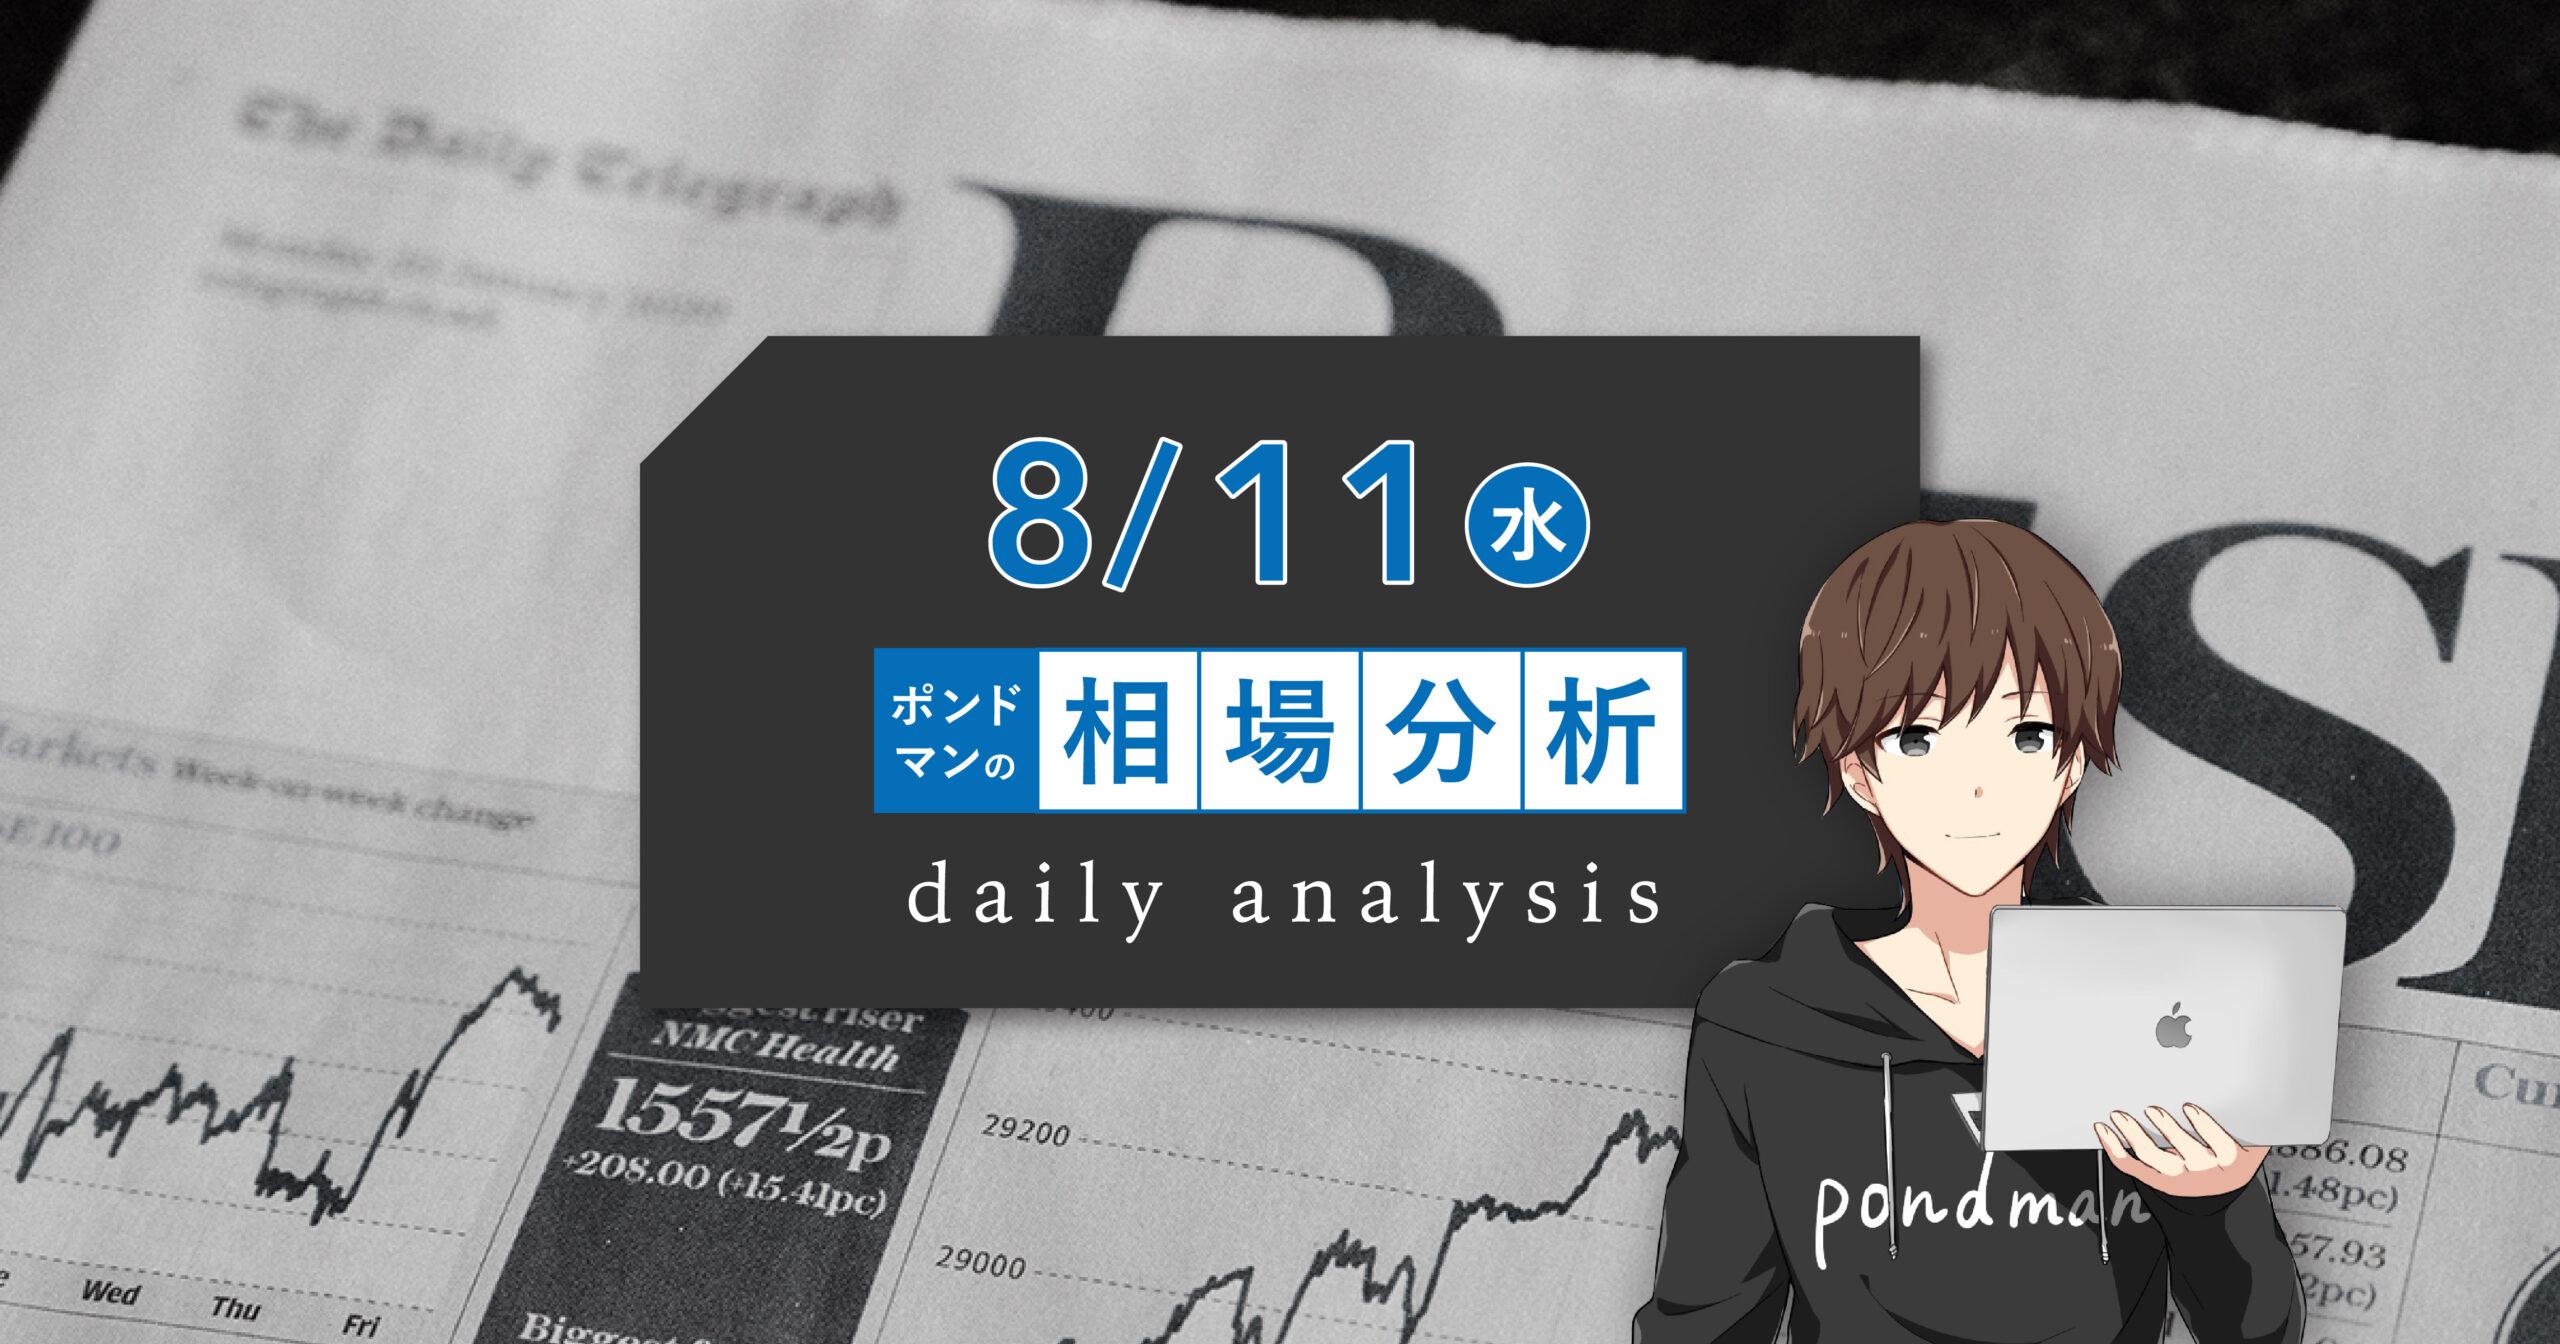 【8月11日ポンドマンのトレード分析】今週の山場?!消費者物価指数によってはドル売りも?